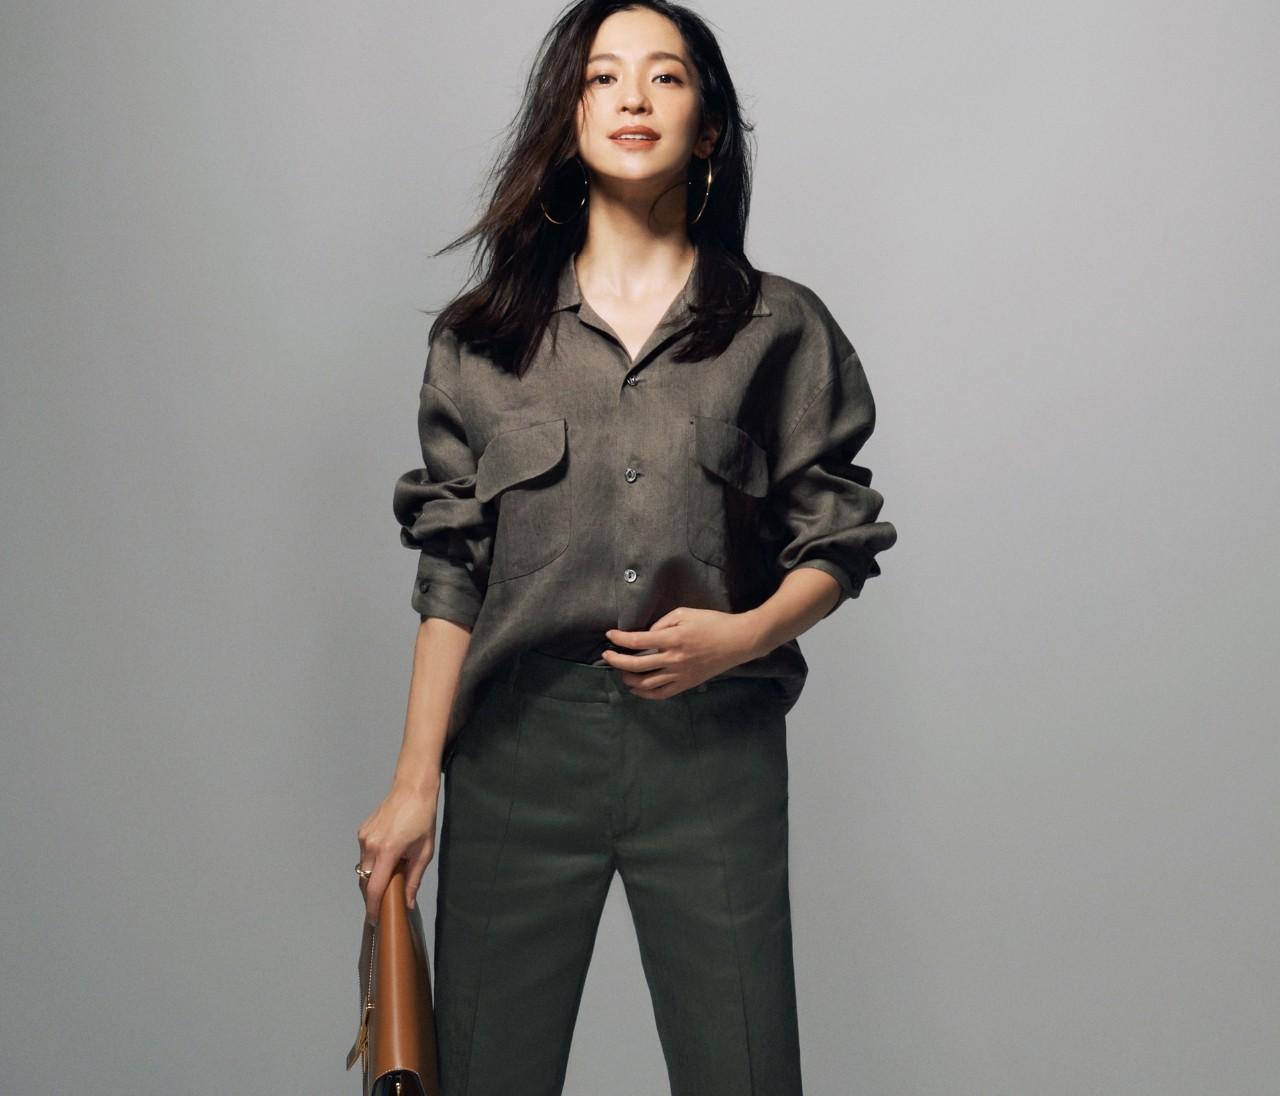 【中村アンのつくり方】春ファッションは「かっこよく・女っぽく」がルール